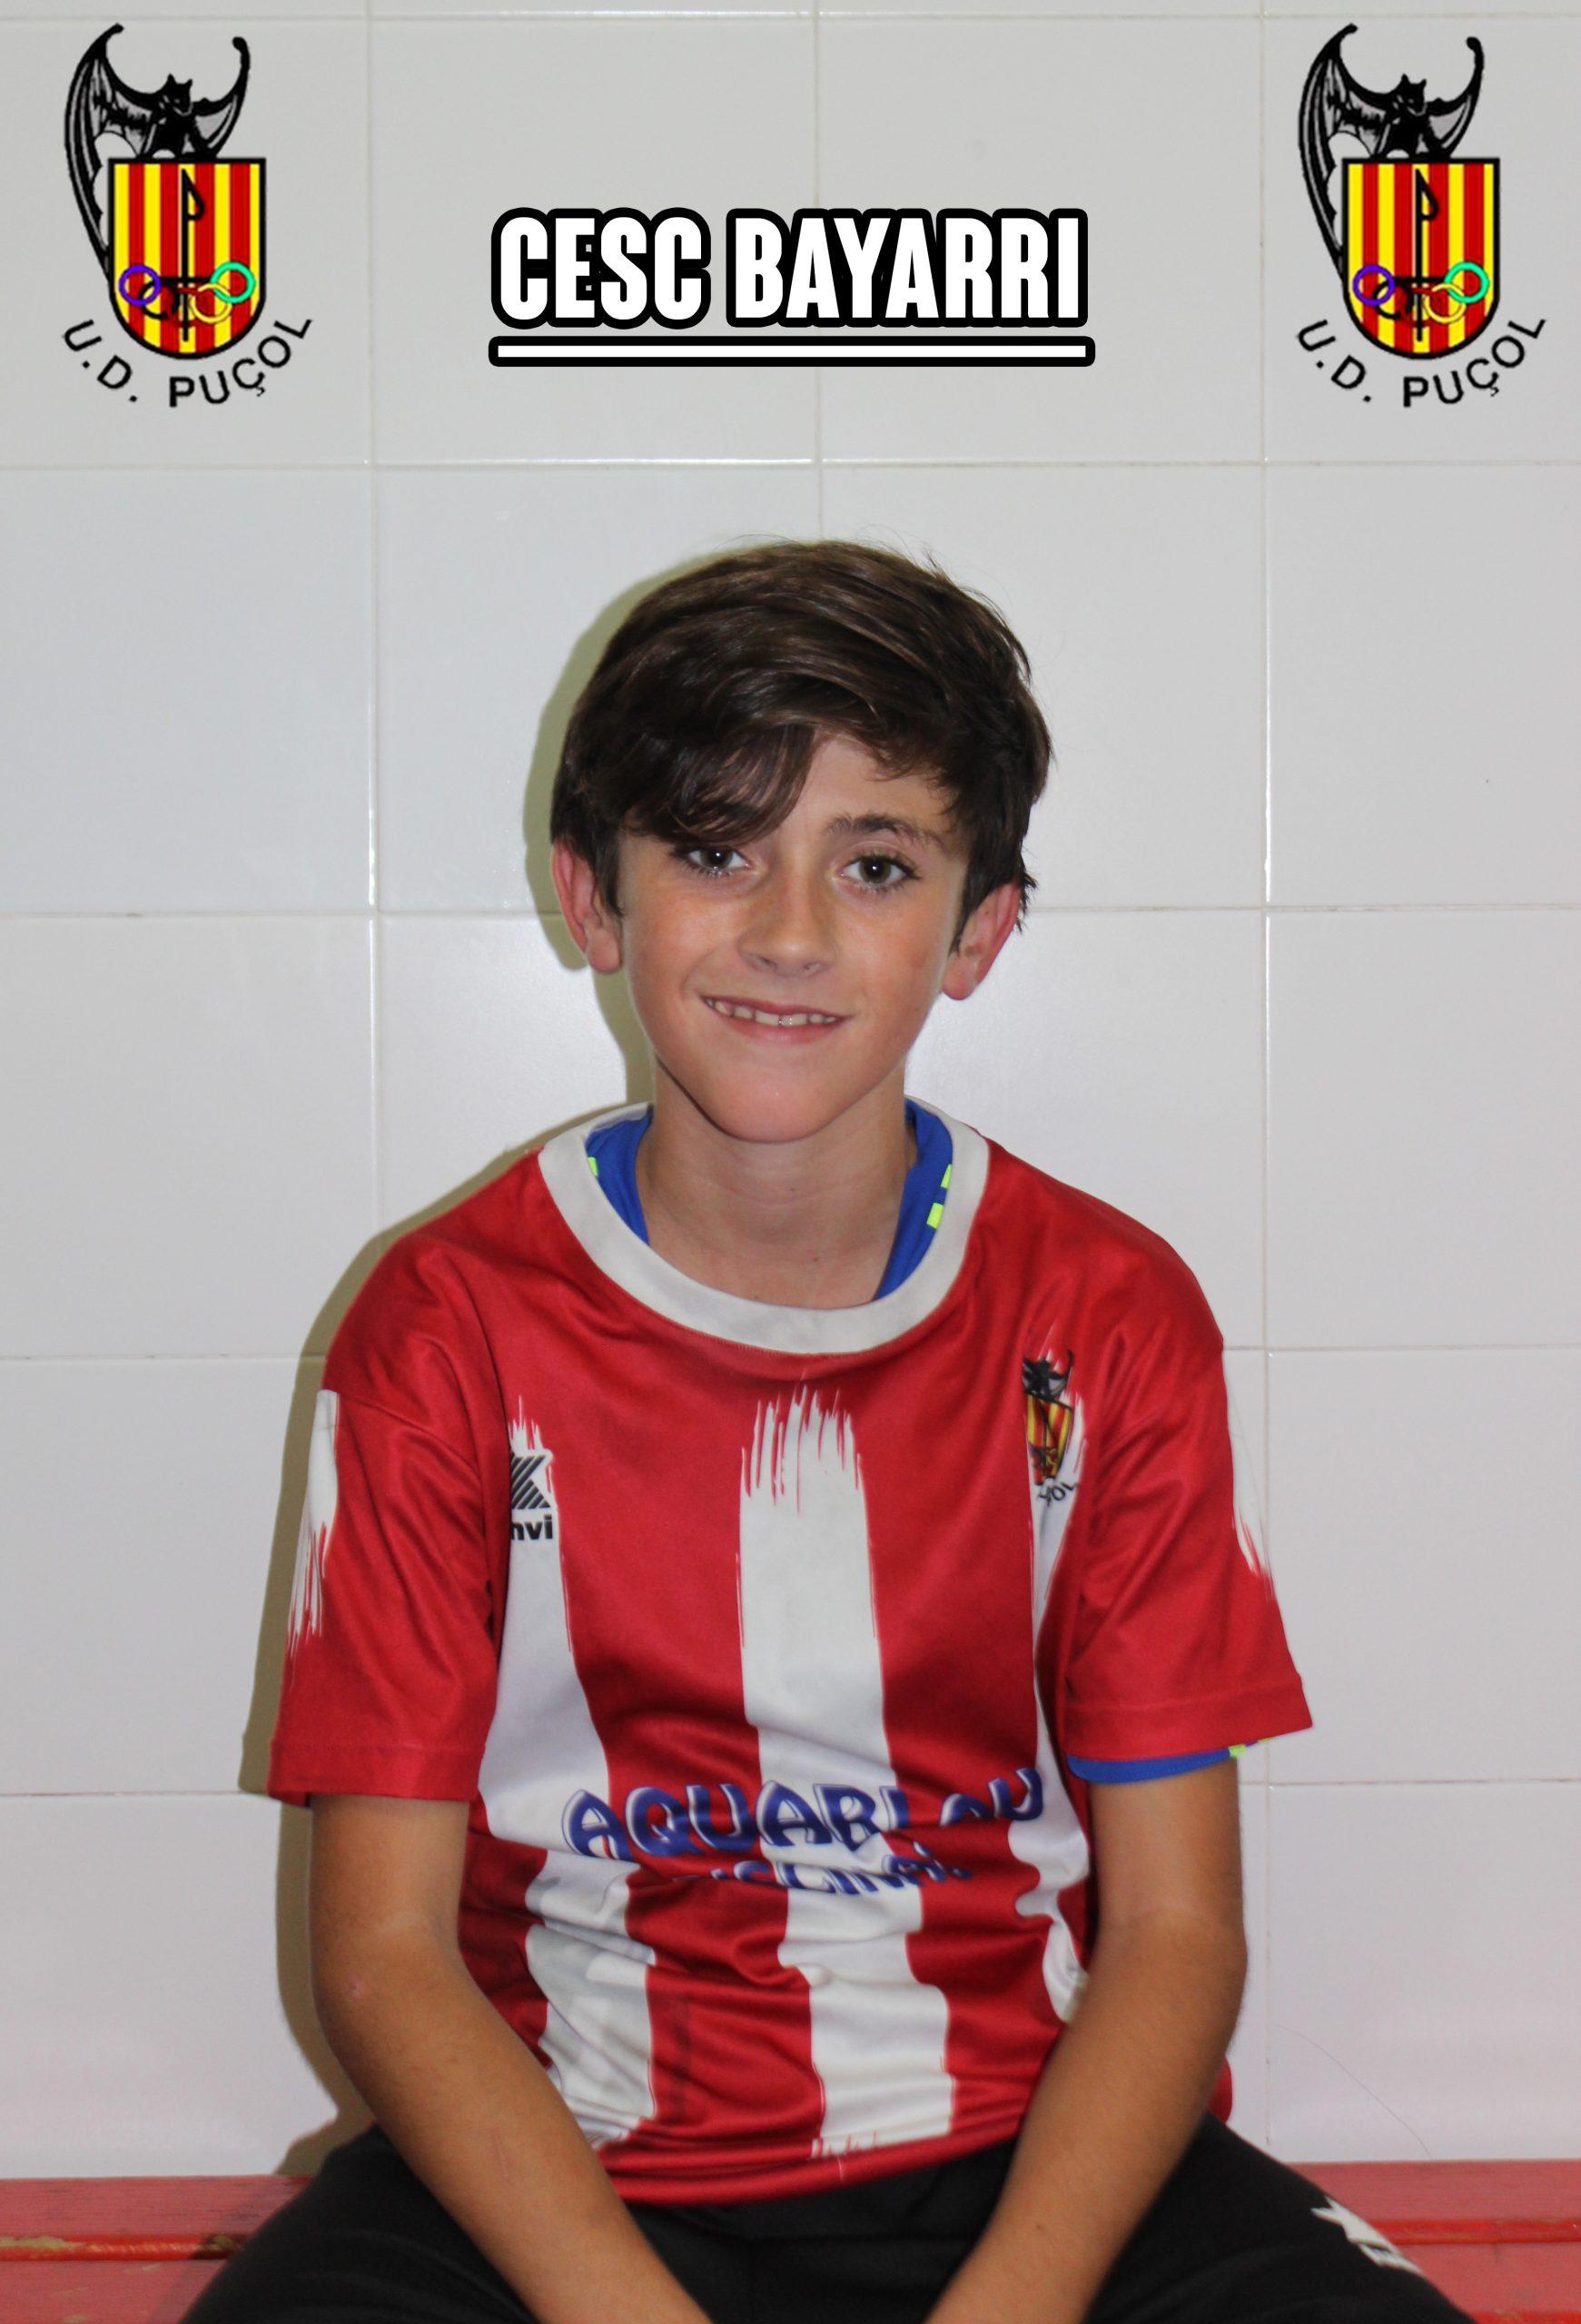 Cesc Bayarri